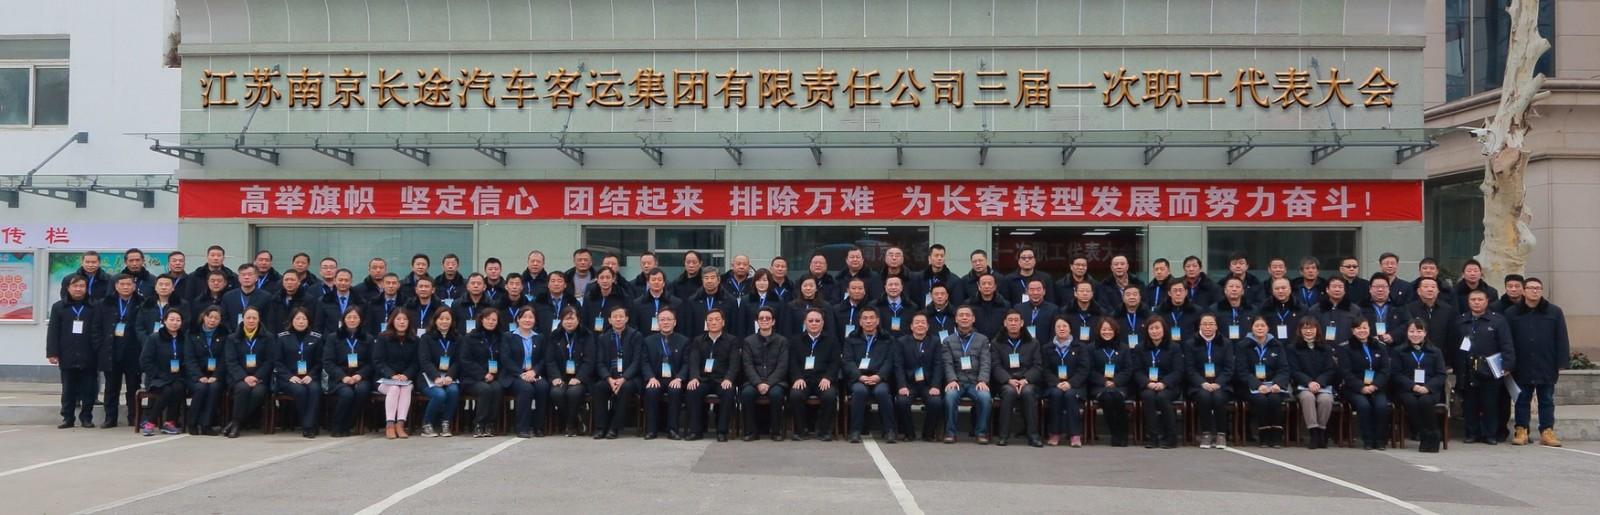 南京长客集团第三届第一次职工代表大会隆重召开